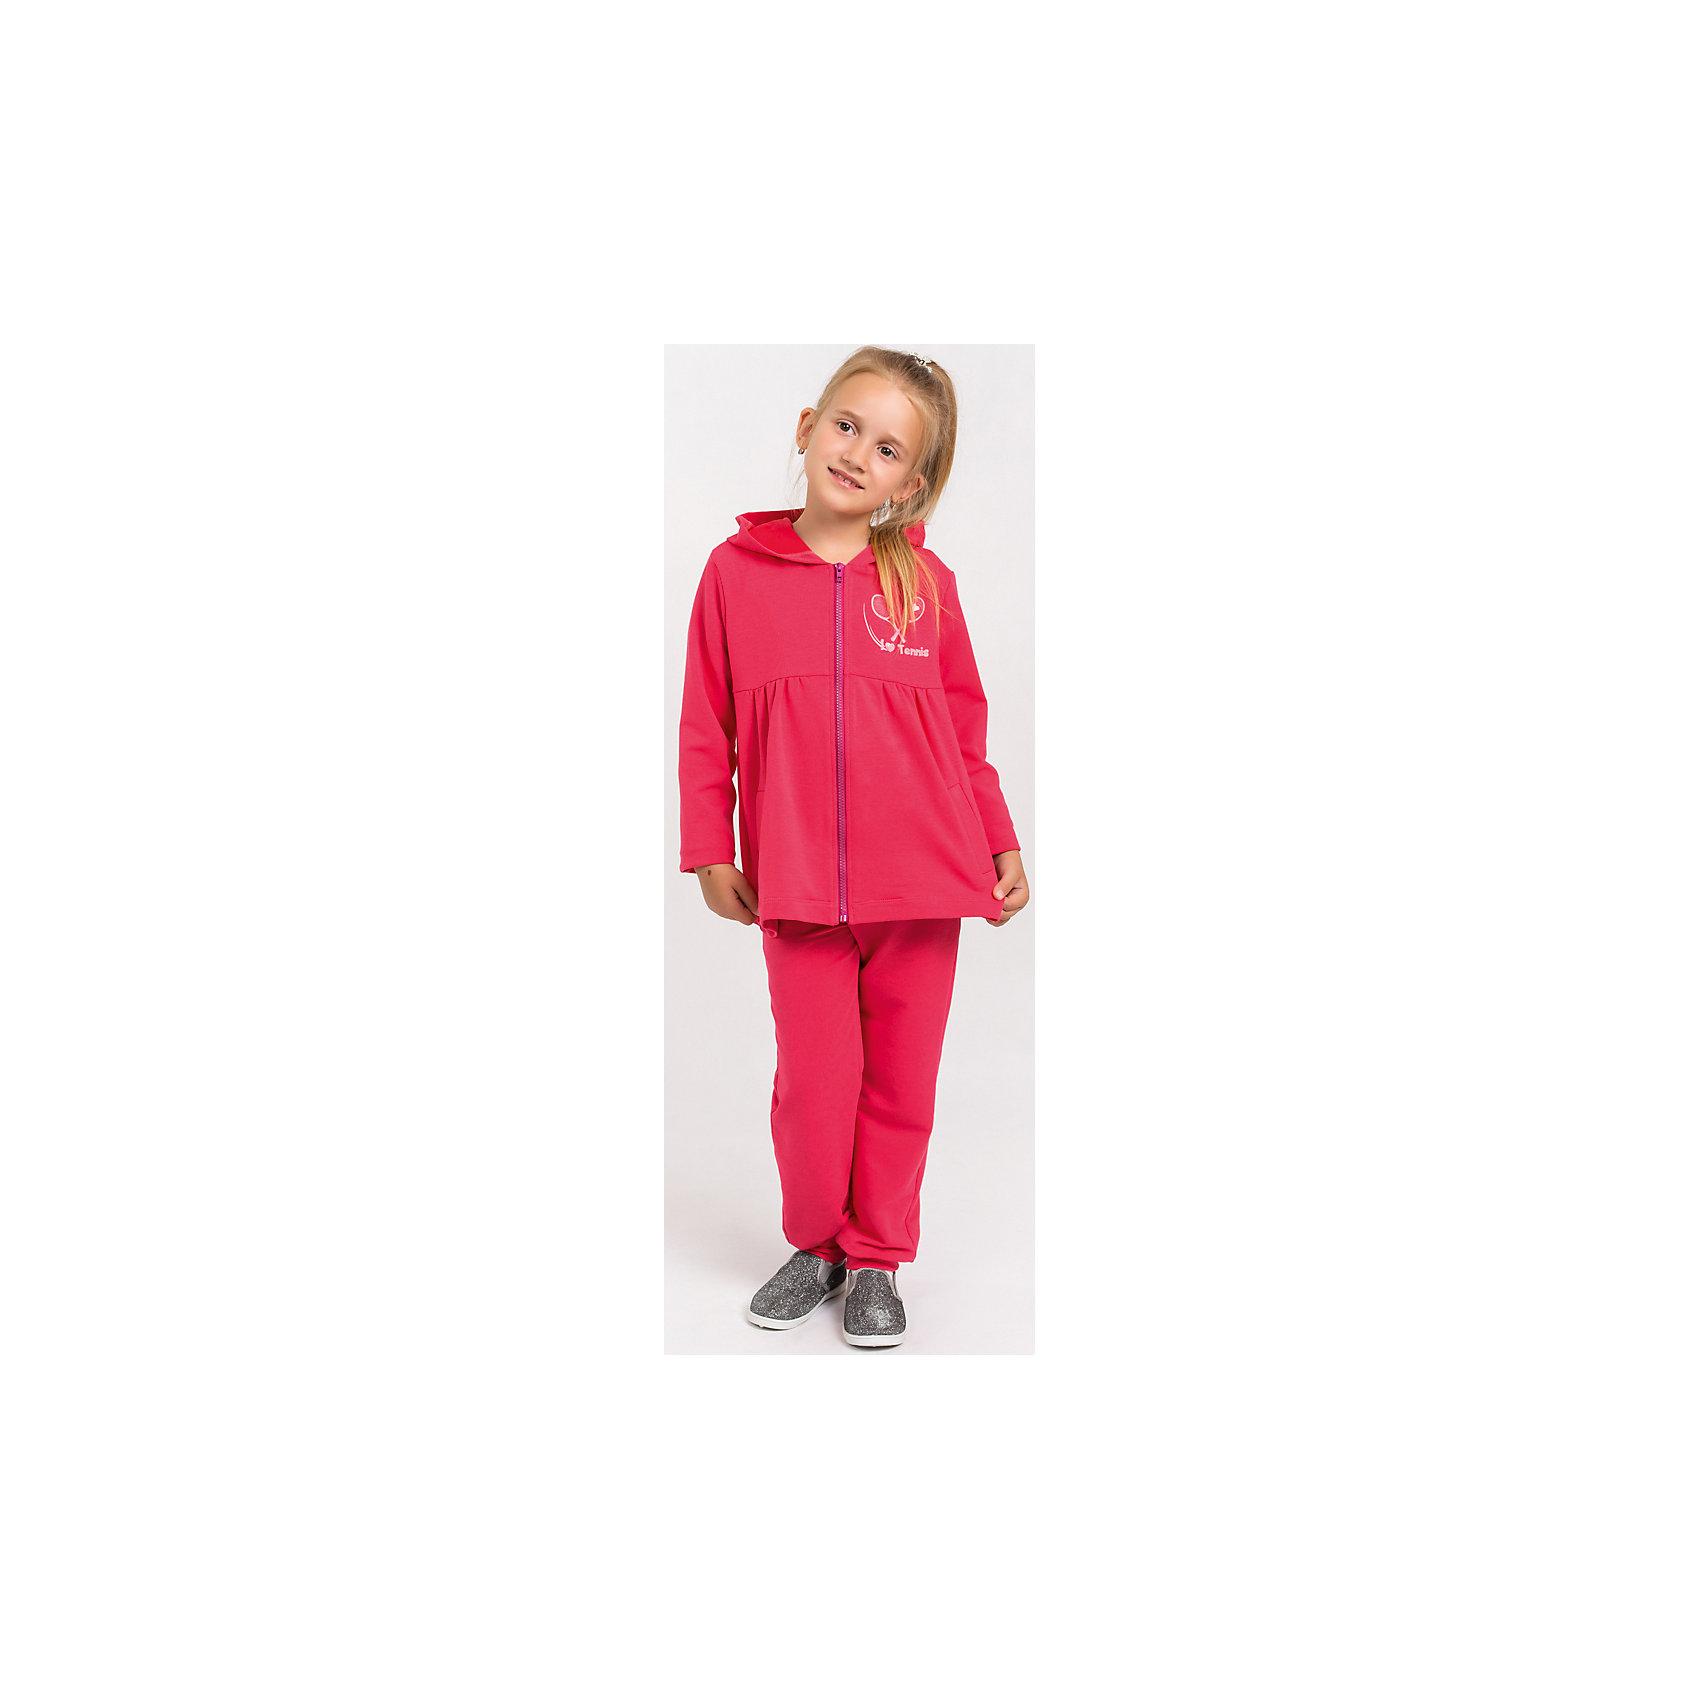 Спортивный костюм для девочки GoldyСпортивная одежда<br>Спортивный костюм для девочки от белорусской марки Goldy. Костюм состоит из толстовки с капюшоном и брюк с манжетами.<br>Состав:<br>футер компакт пенье (70% хлопок, 26% ПЭ, 4% лайкра)<br><br>Ширина мм: 247<br>Глубина мм: 16<br>Высота мм: 140<br>Вес г: 225<br>Цвет: розовый<br>Возраст от месяцев: 24<br>Возраст до месяцев: 36<br>Пол: Женский<br>Возраст: Детский<br>Размер: 98,104,110,116,122,92<br>SKU: 4921222